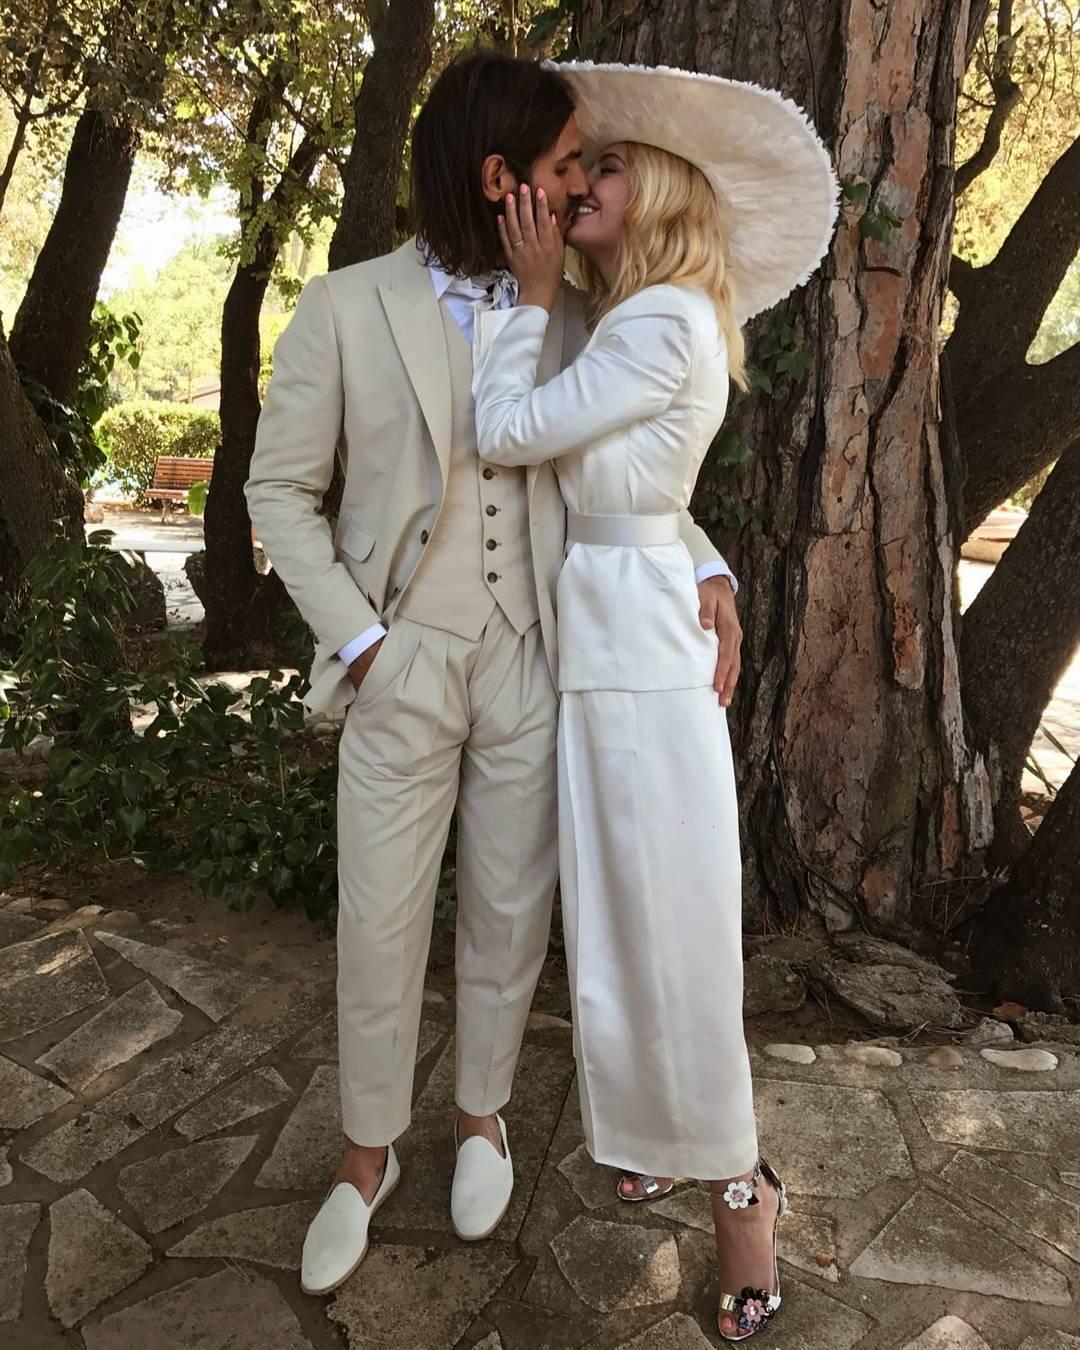 La pareja celebró su enlace el pasado 23 de septiembre enfundada en...